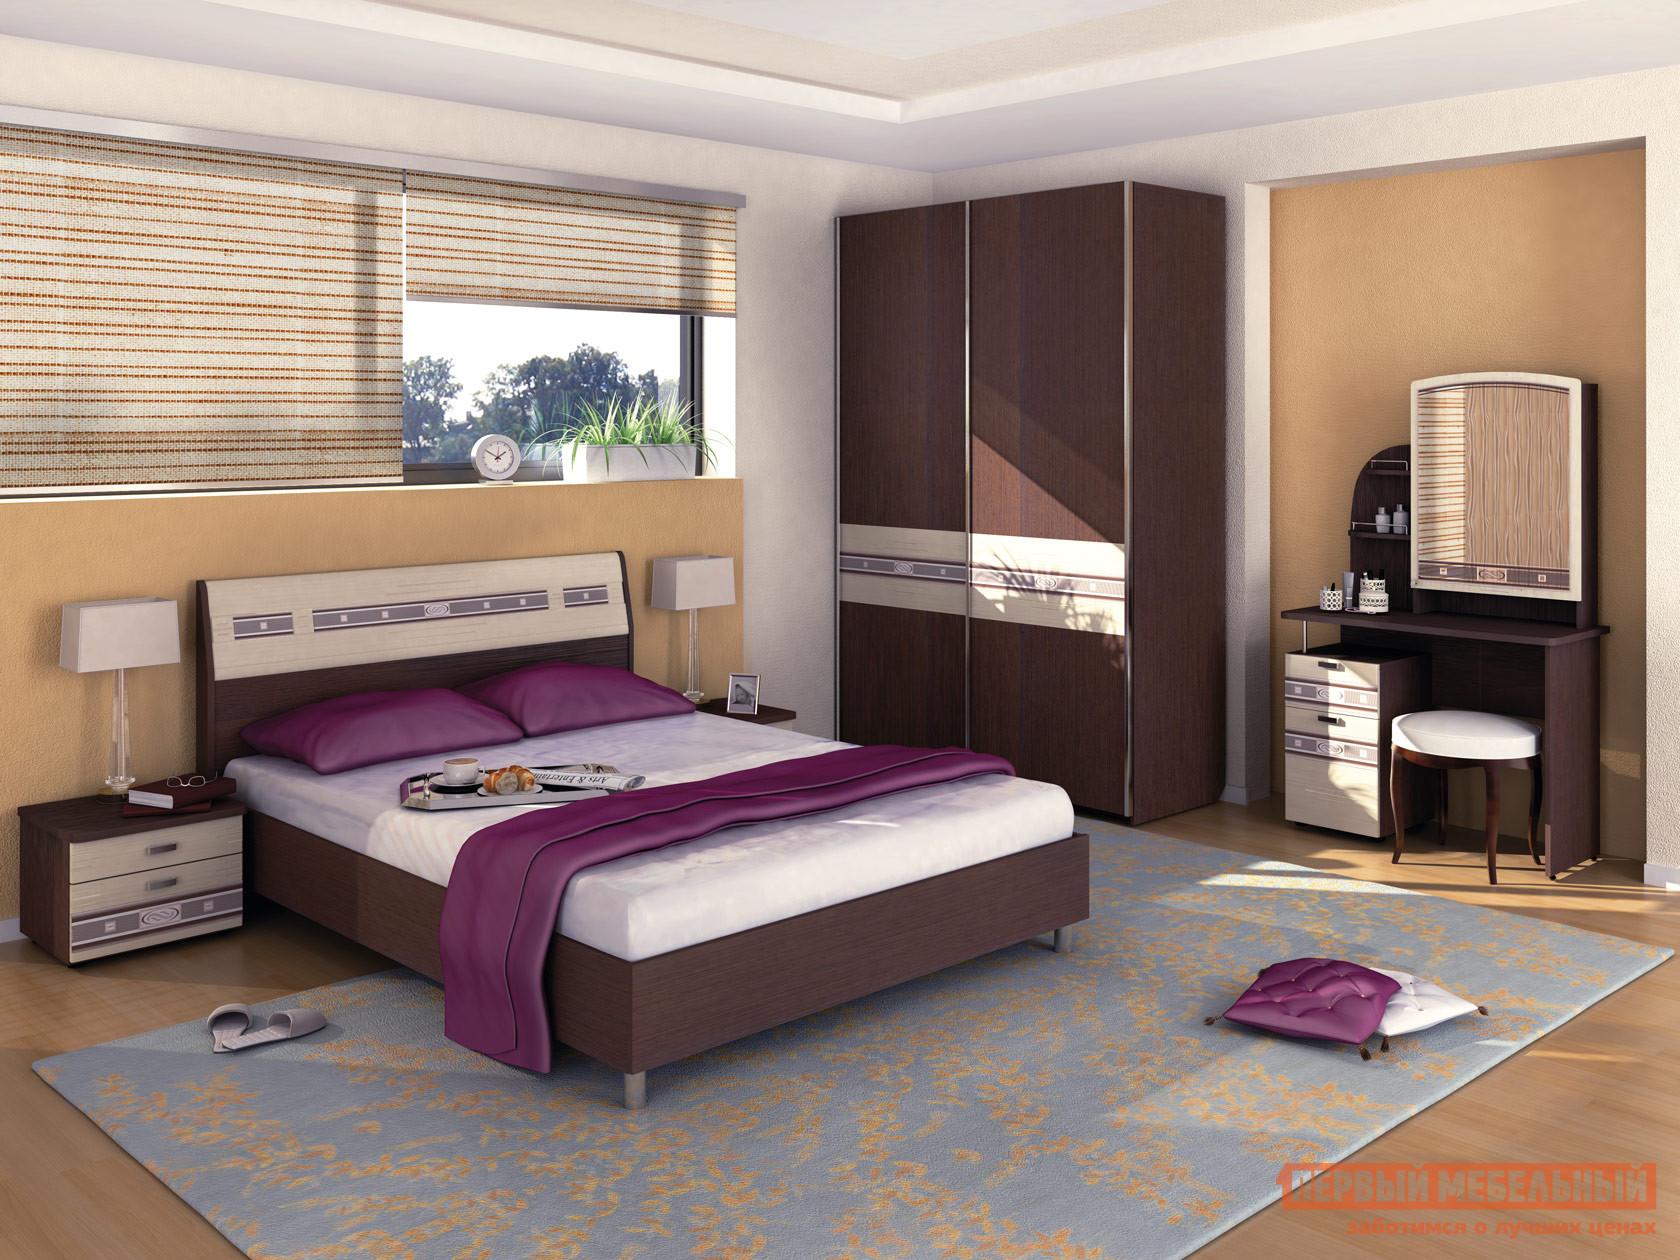 Комплект мебели для спальни Витра Ривьера К3 кухонный гарнитур витра глория 3 к3